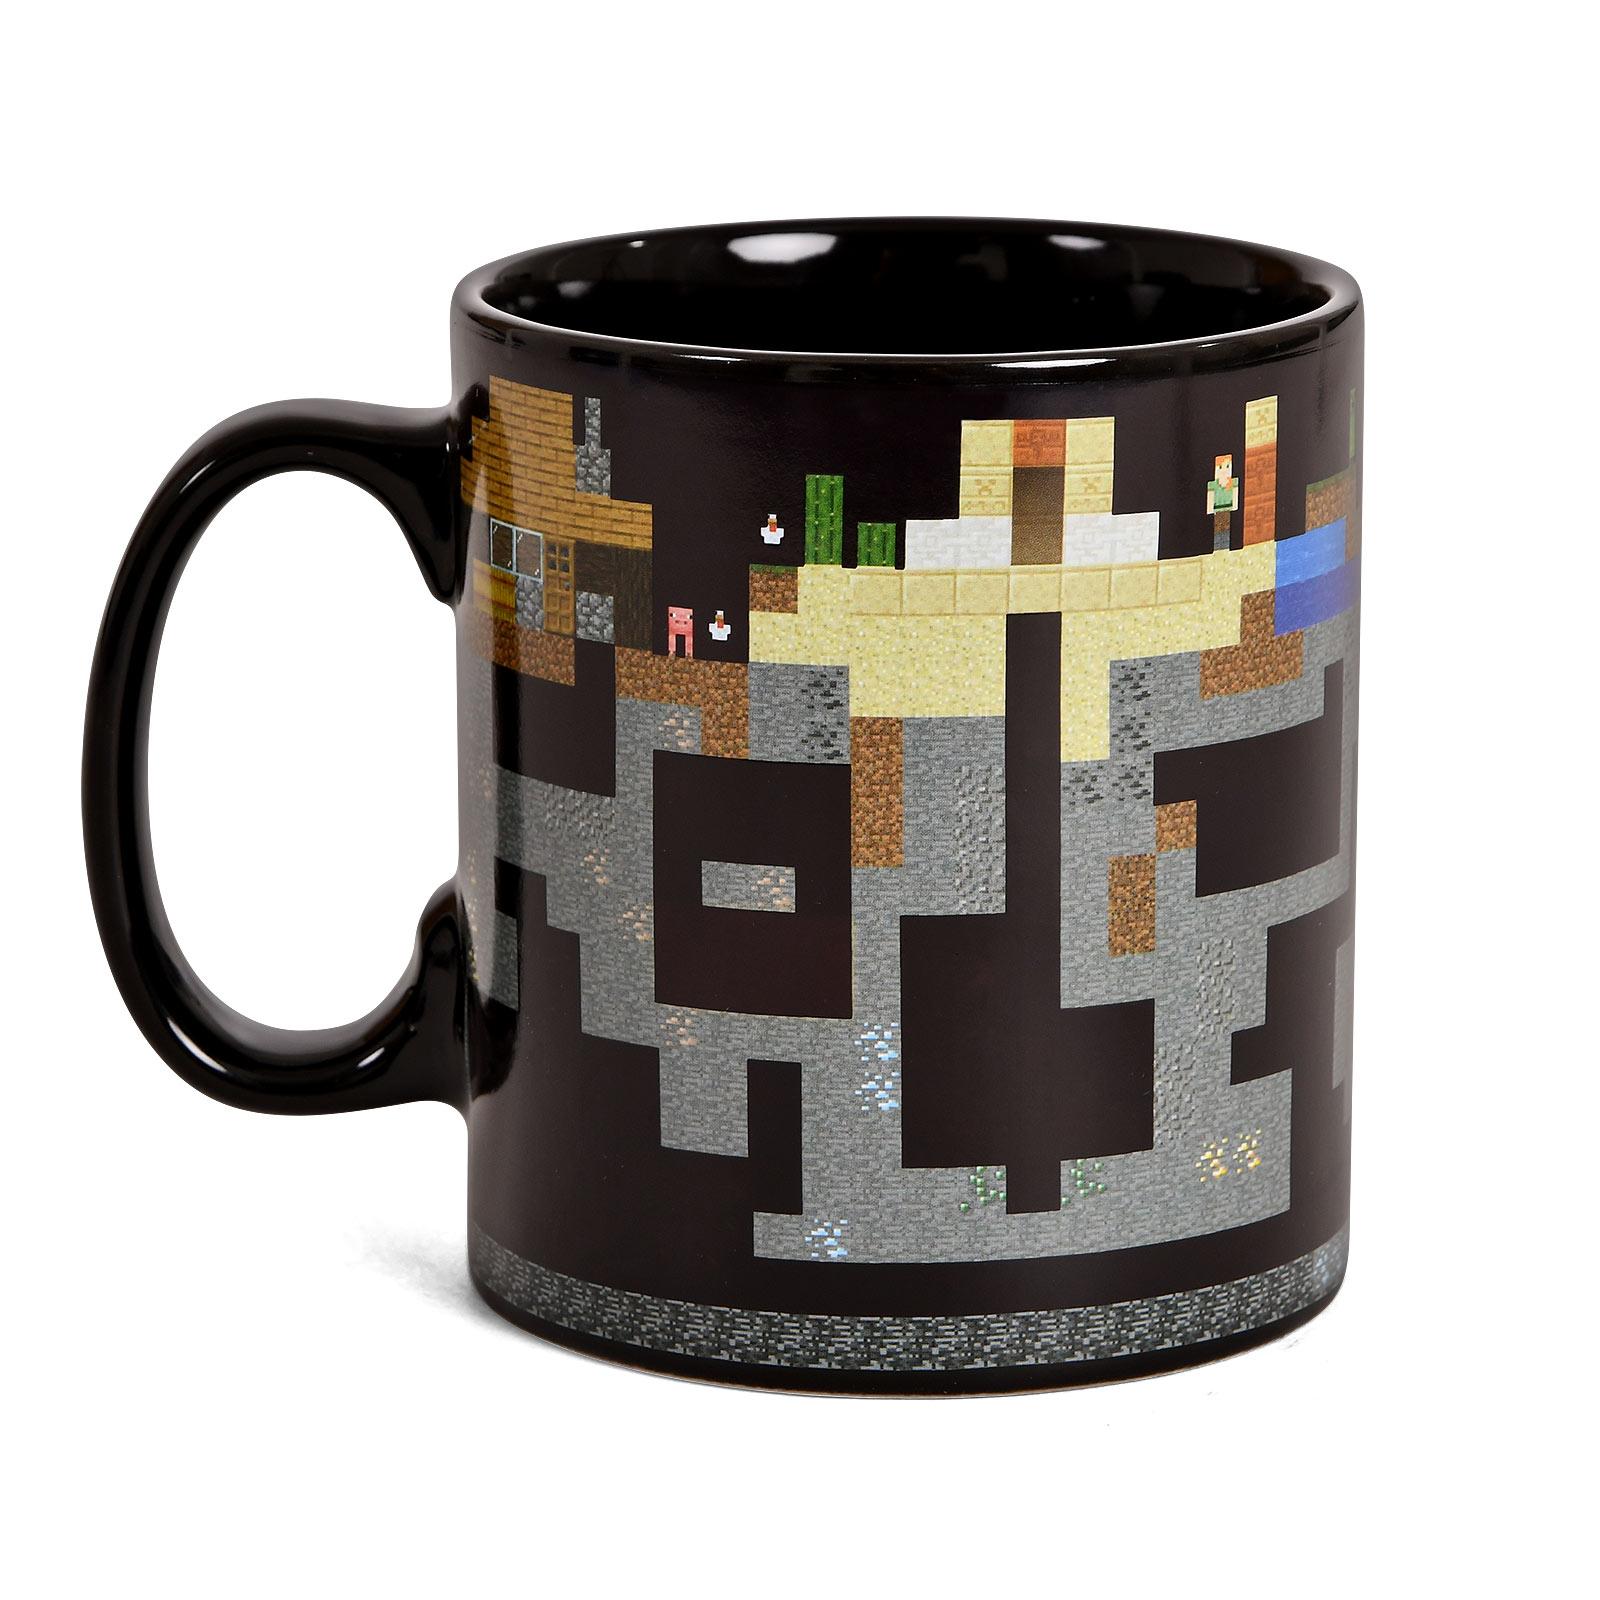 Minecraft - Pixel World Thermoeffekt Tasse